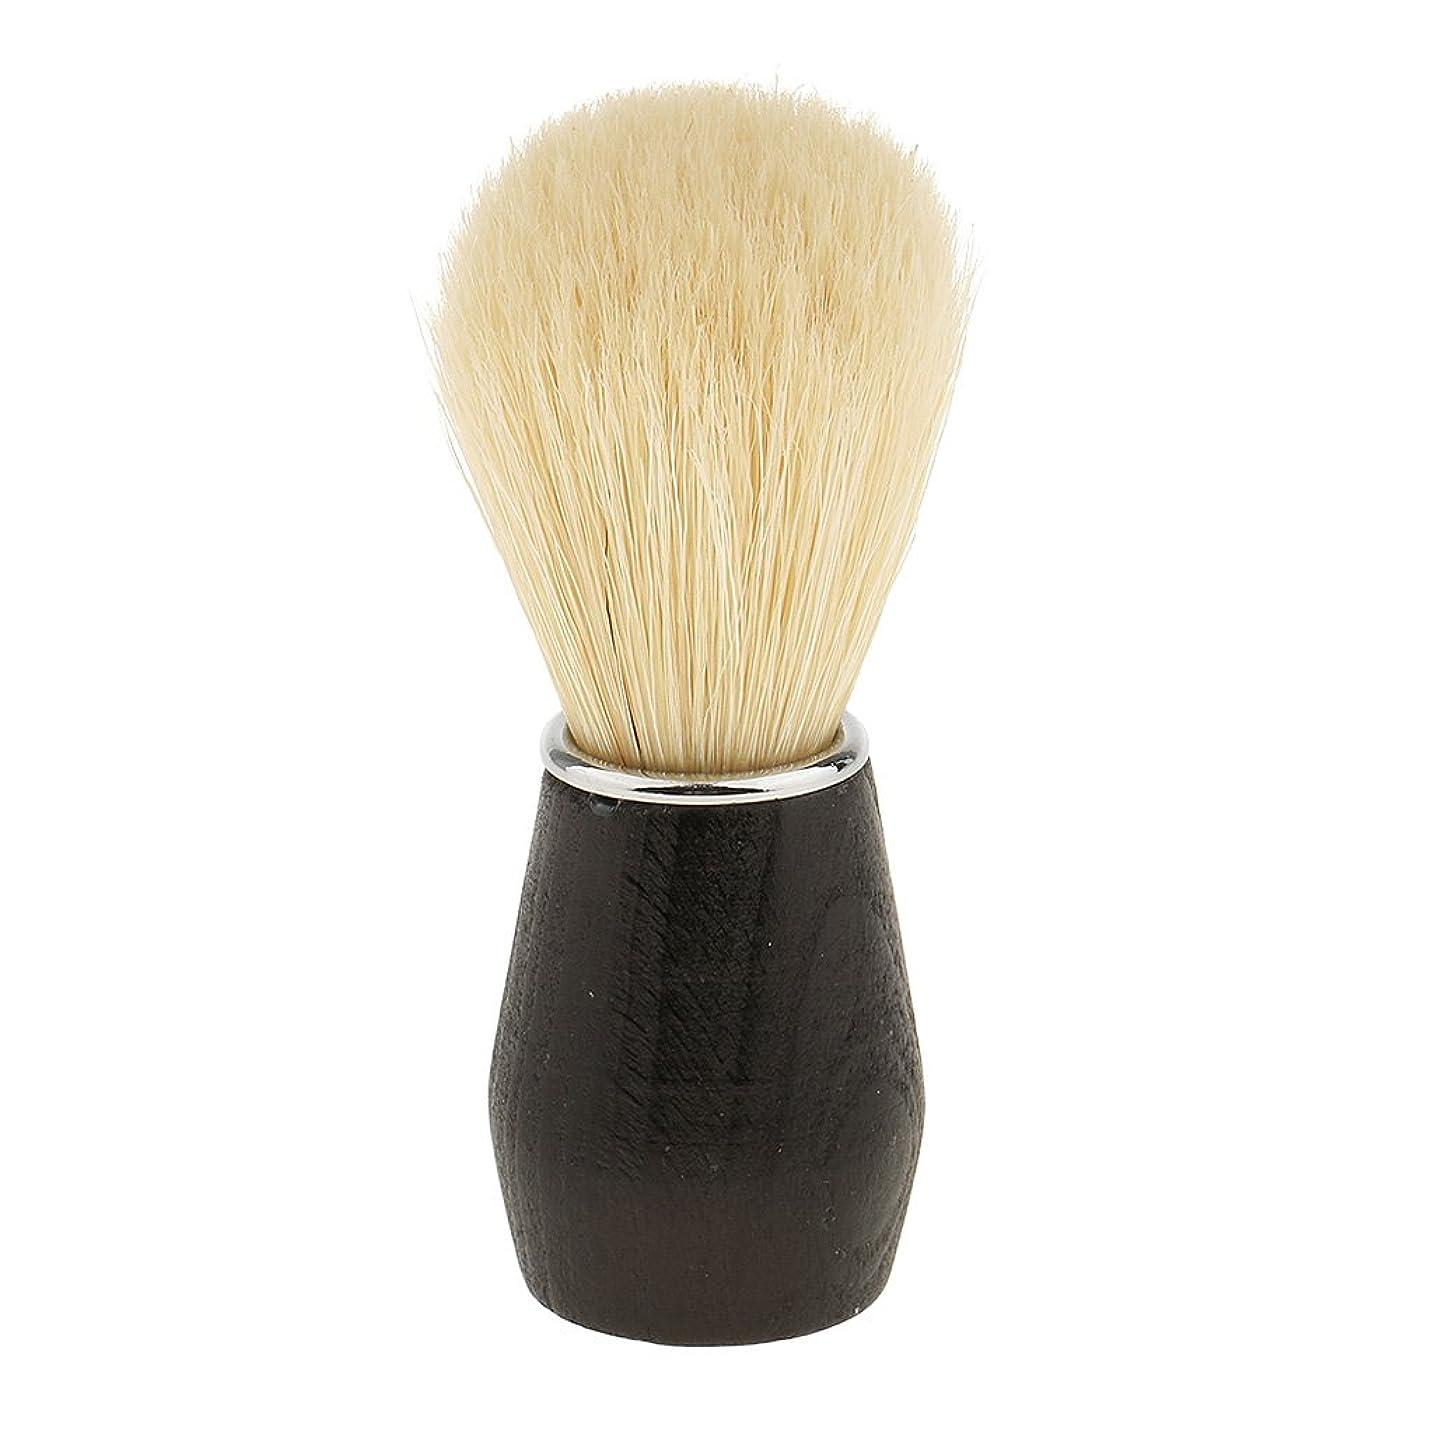 ゴルフリンクノミネートHellery ひげ剃りブラシ シェービングブラシ 毛髭ブラシ フェイシャルクリーニングブラシ プラスチックハンドル